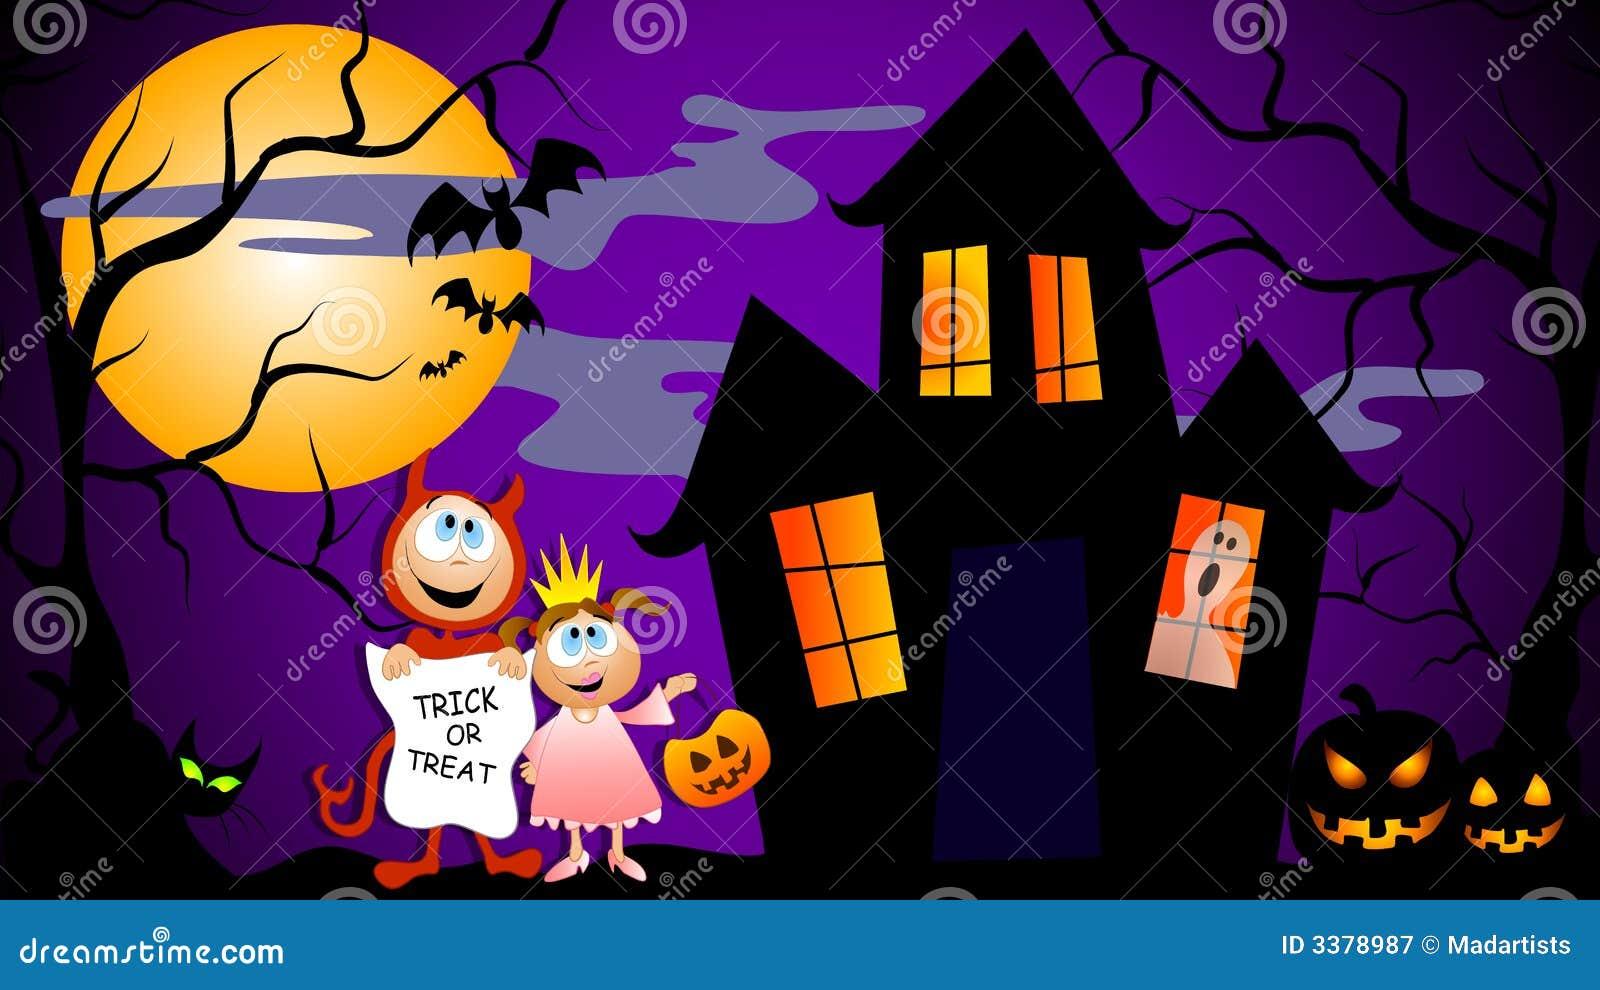 halloween scene clipart - photo #33